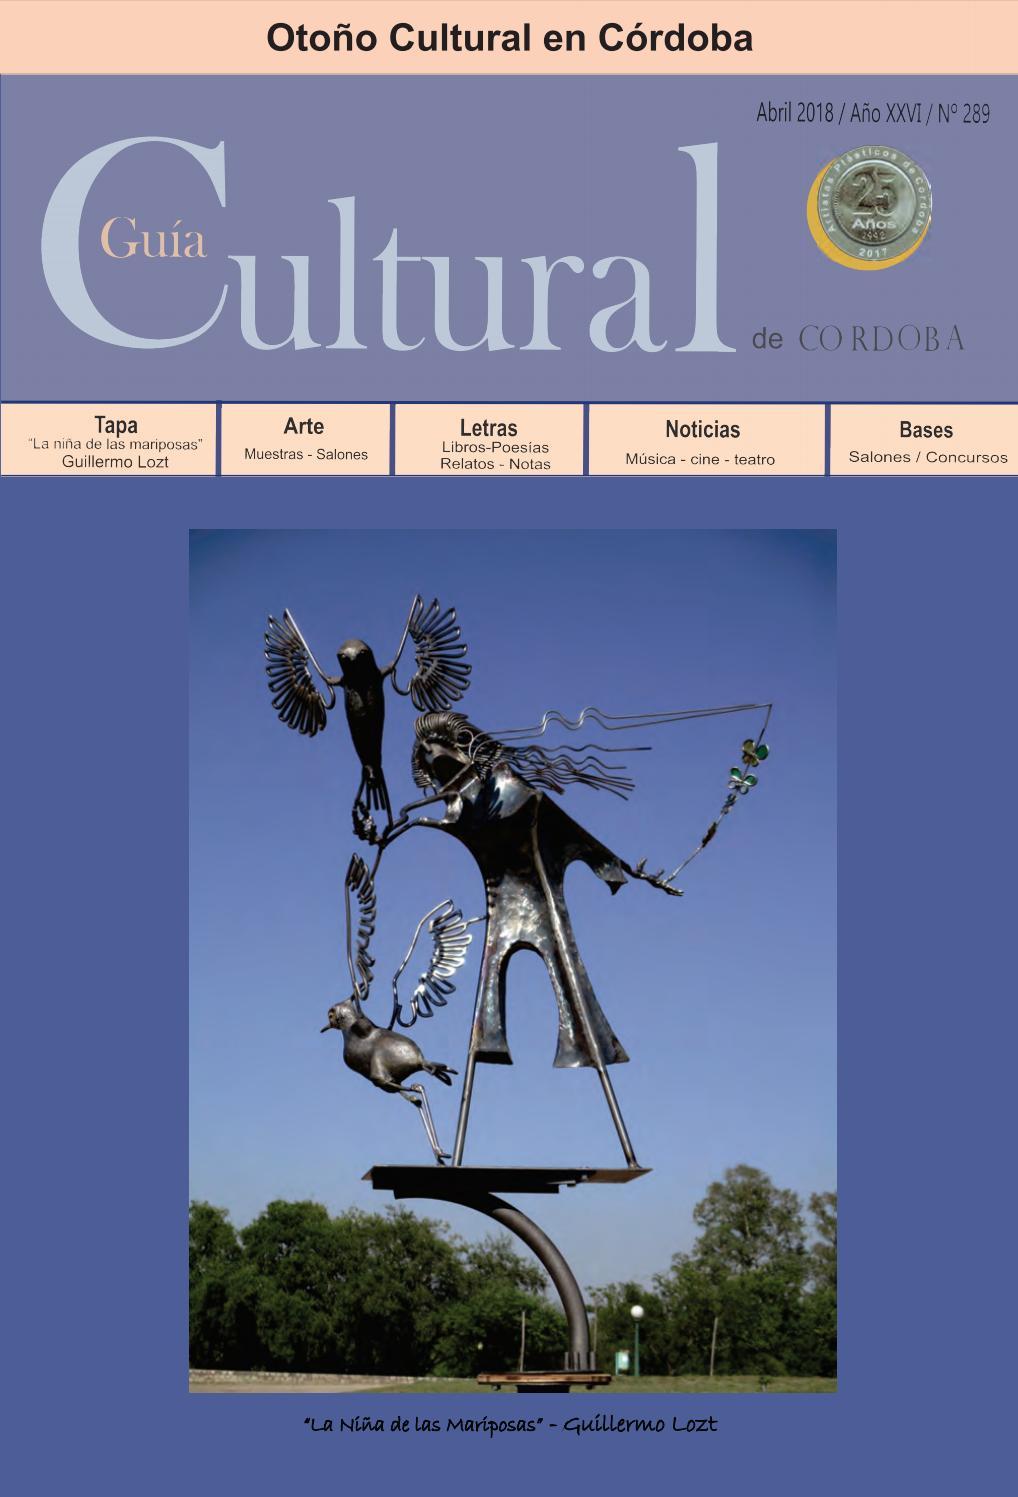 Guía Cultural de Córdoba - Abril 2018 - Año XXVI - Nº 289 by Analía